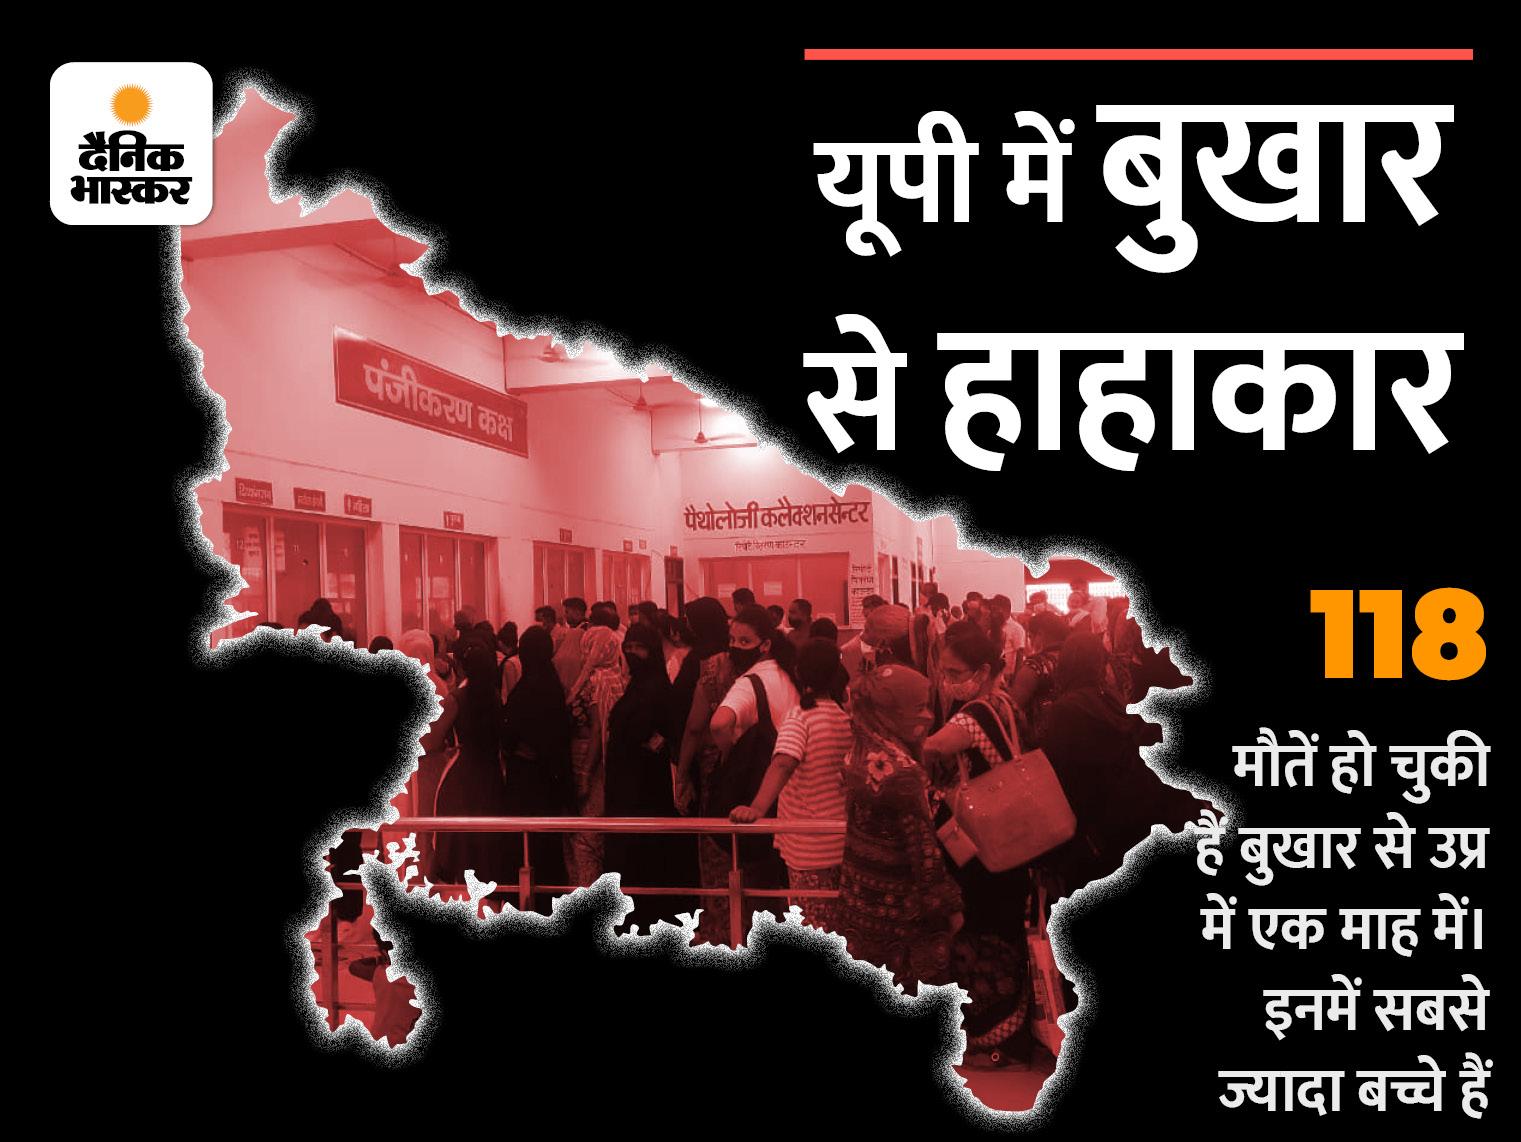 अस्पतालों की OPD में पहुंचने वाले ज्यादातर मरीज बुखार और सर्दी-खांसी के, कुछ को सांस लेने में भी तकलीफ|लखनऊ,Lucknow - Dainik Bhaskar